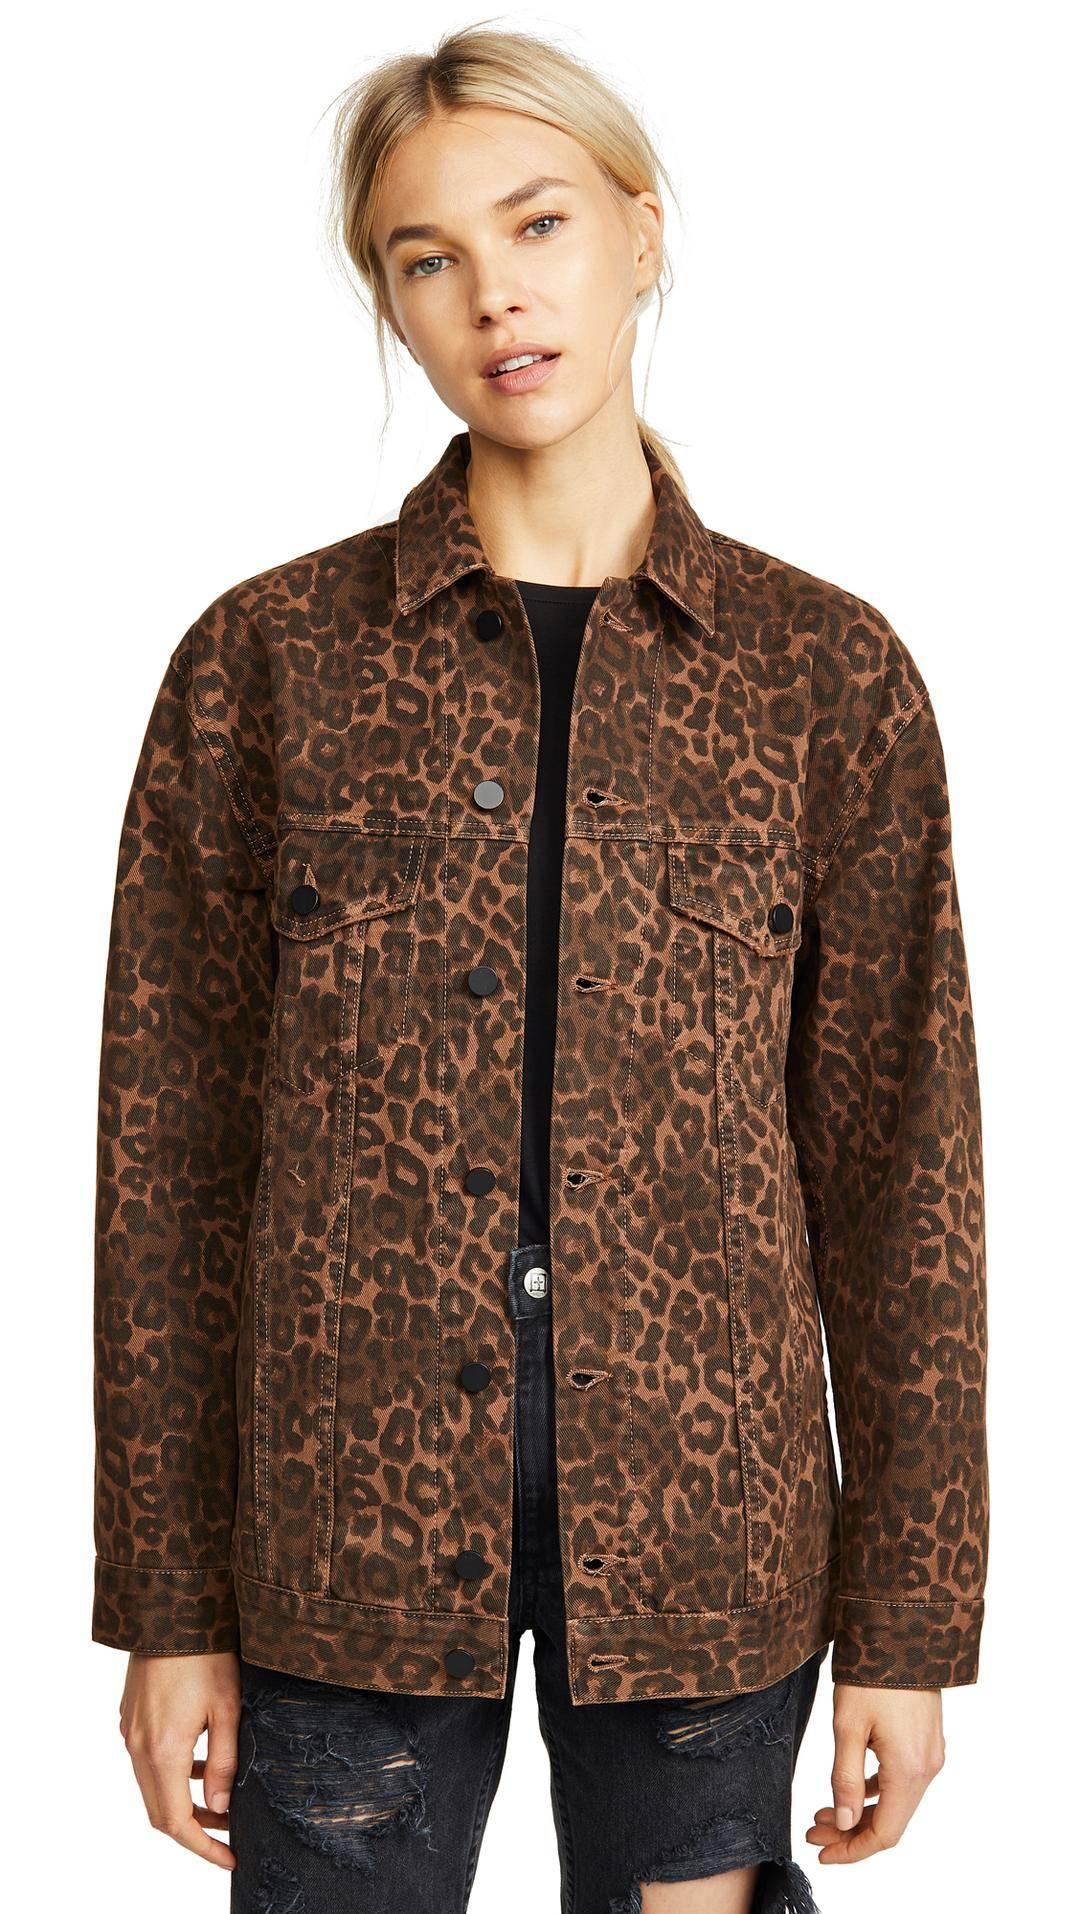 Muốn mặc đẹp đi chơi dịp 2/9, học ngay cách phối đồ với 3 xu hướng thời trang hot nhất mùa thu đông này - Ảnh 9